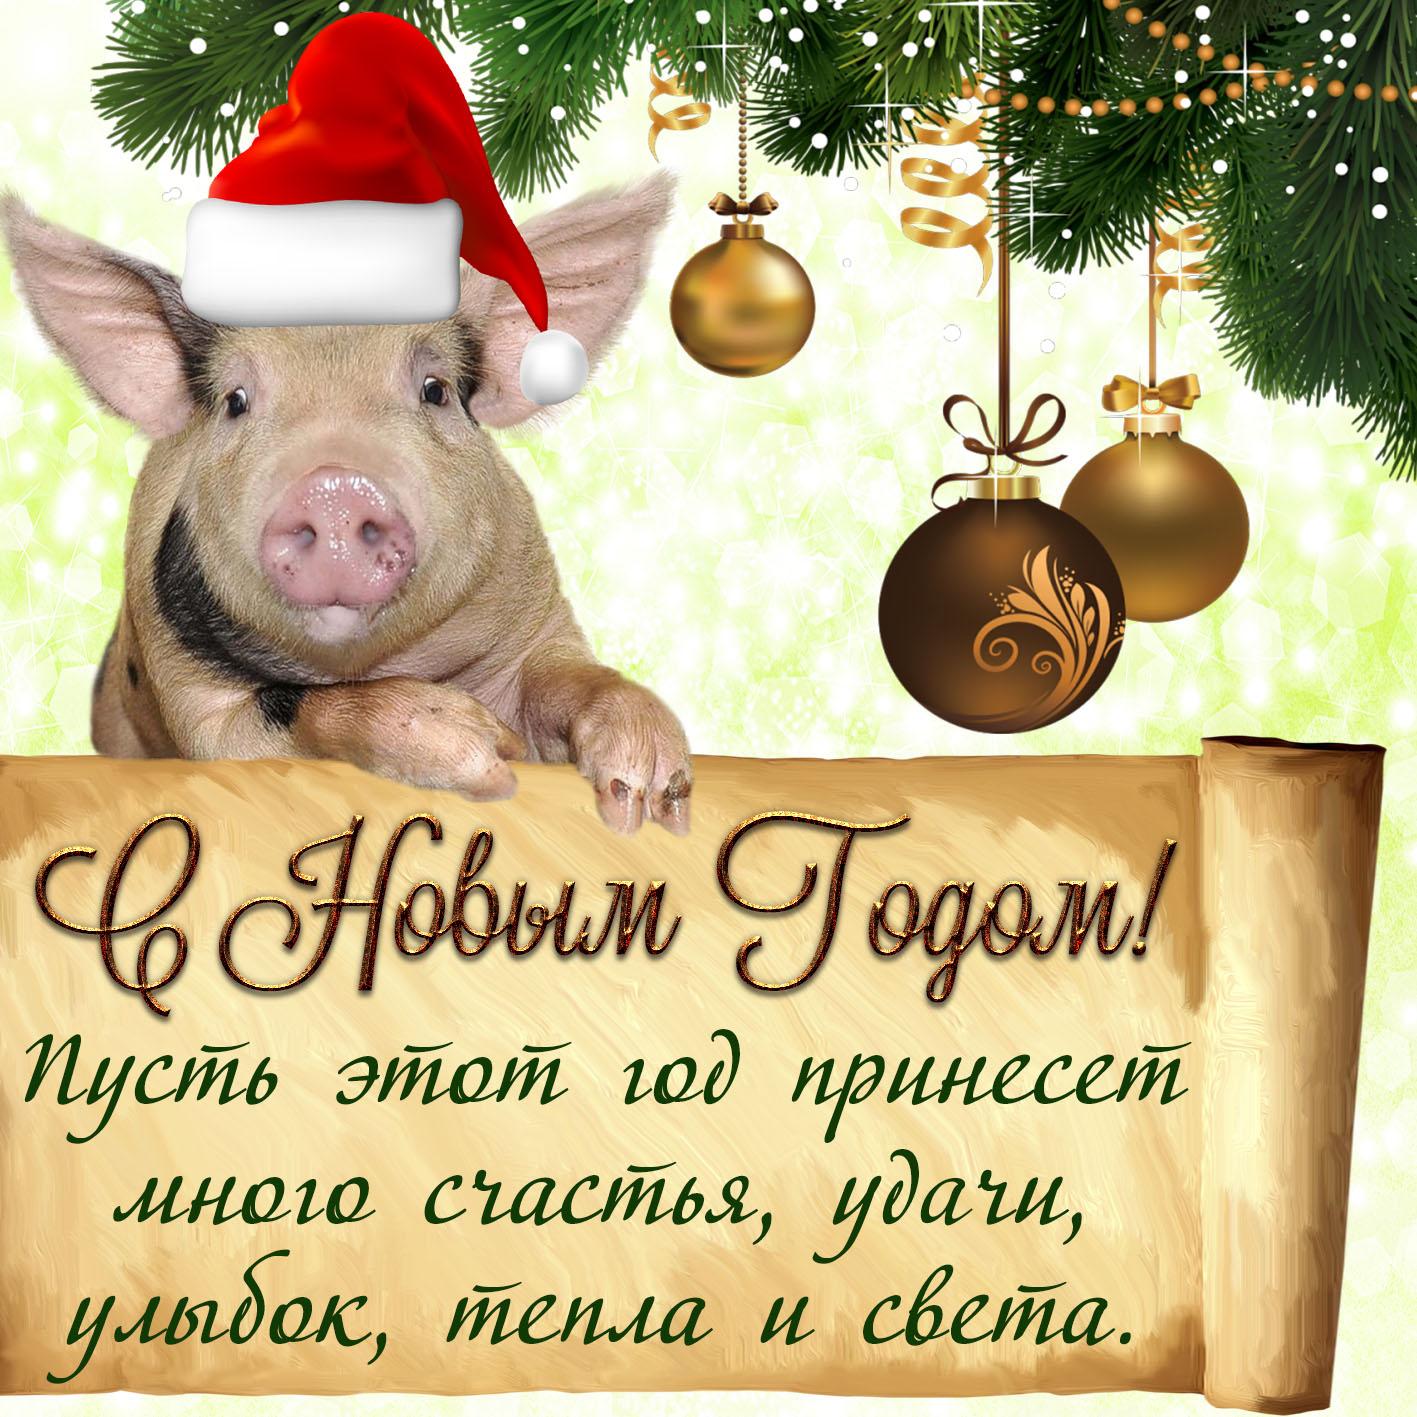 Забавная картинка со свиньей и пожеланием на Новый год